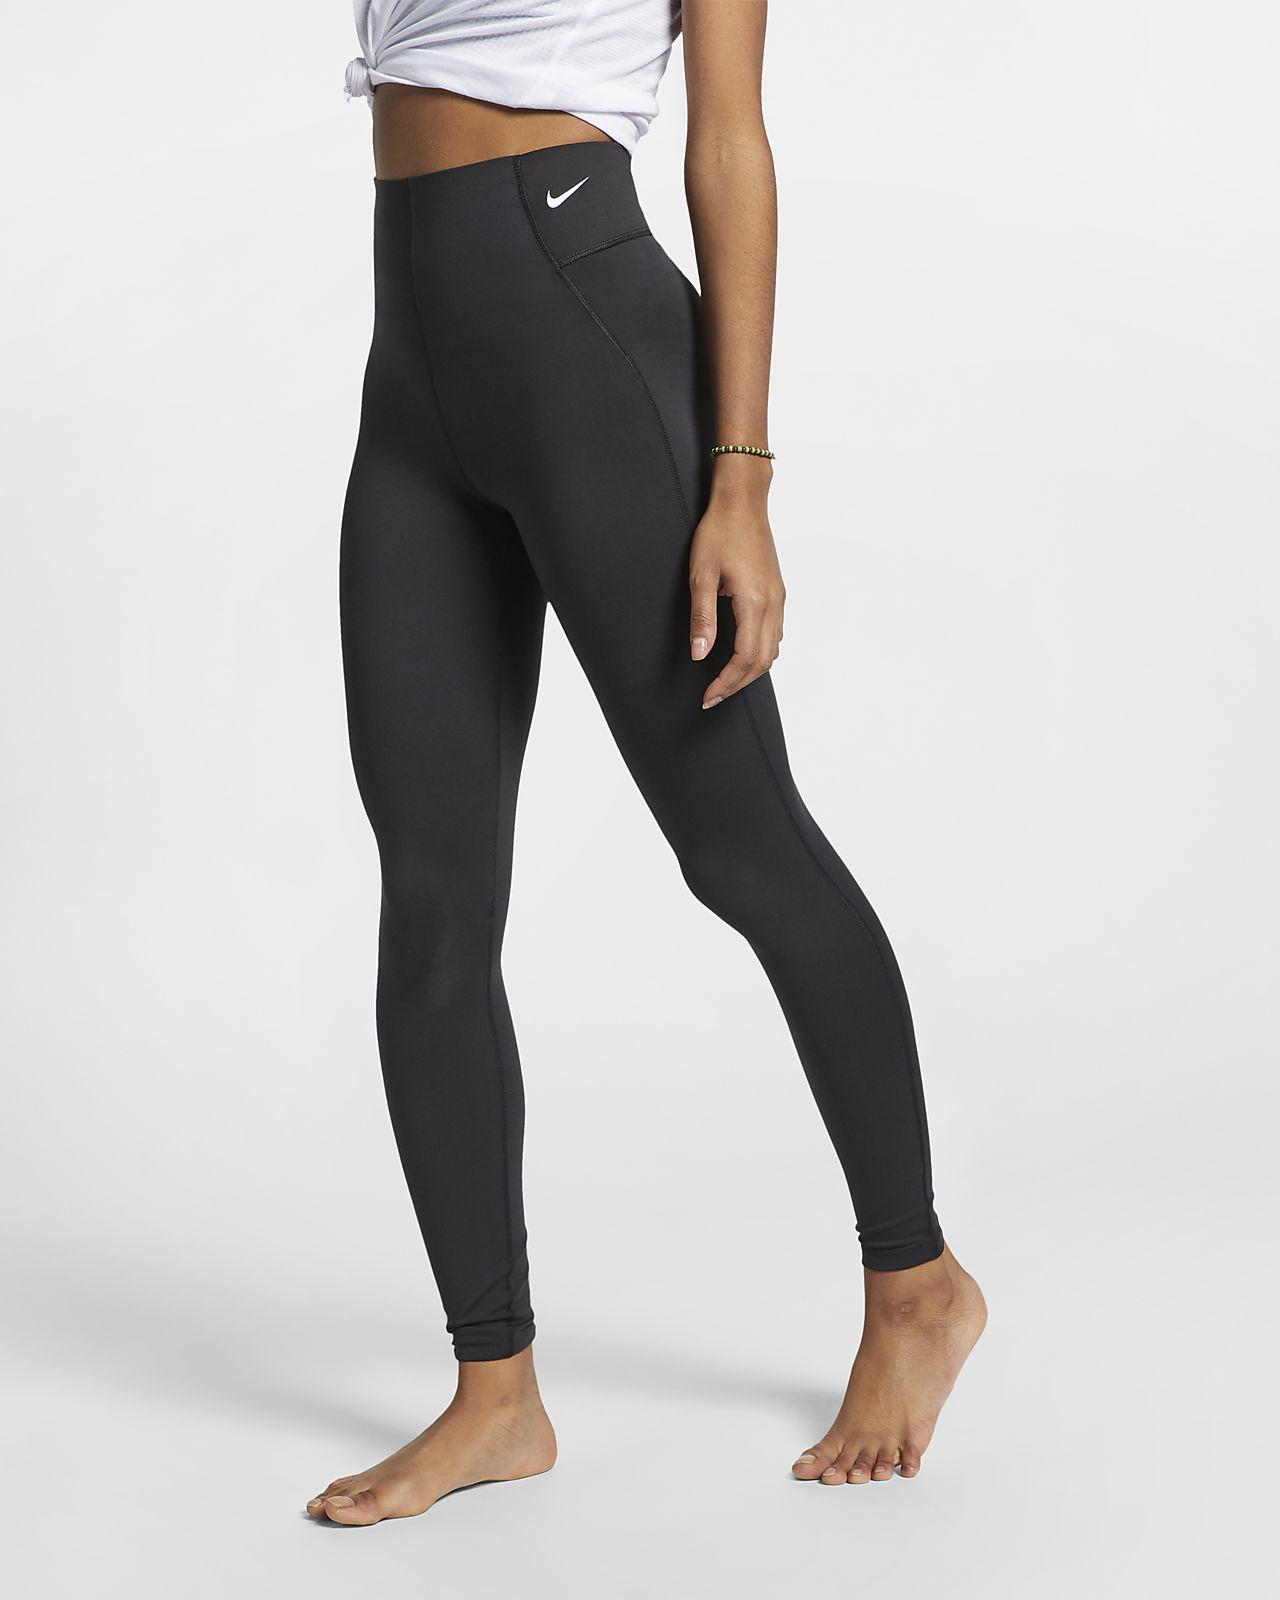 Tights de ioga Nike Sculpt para mulher